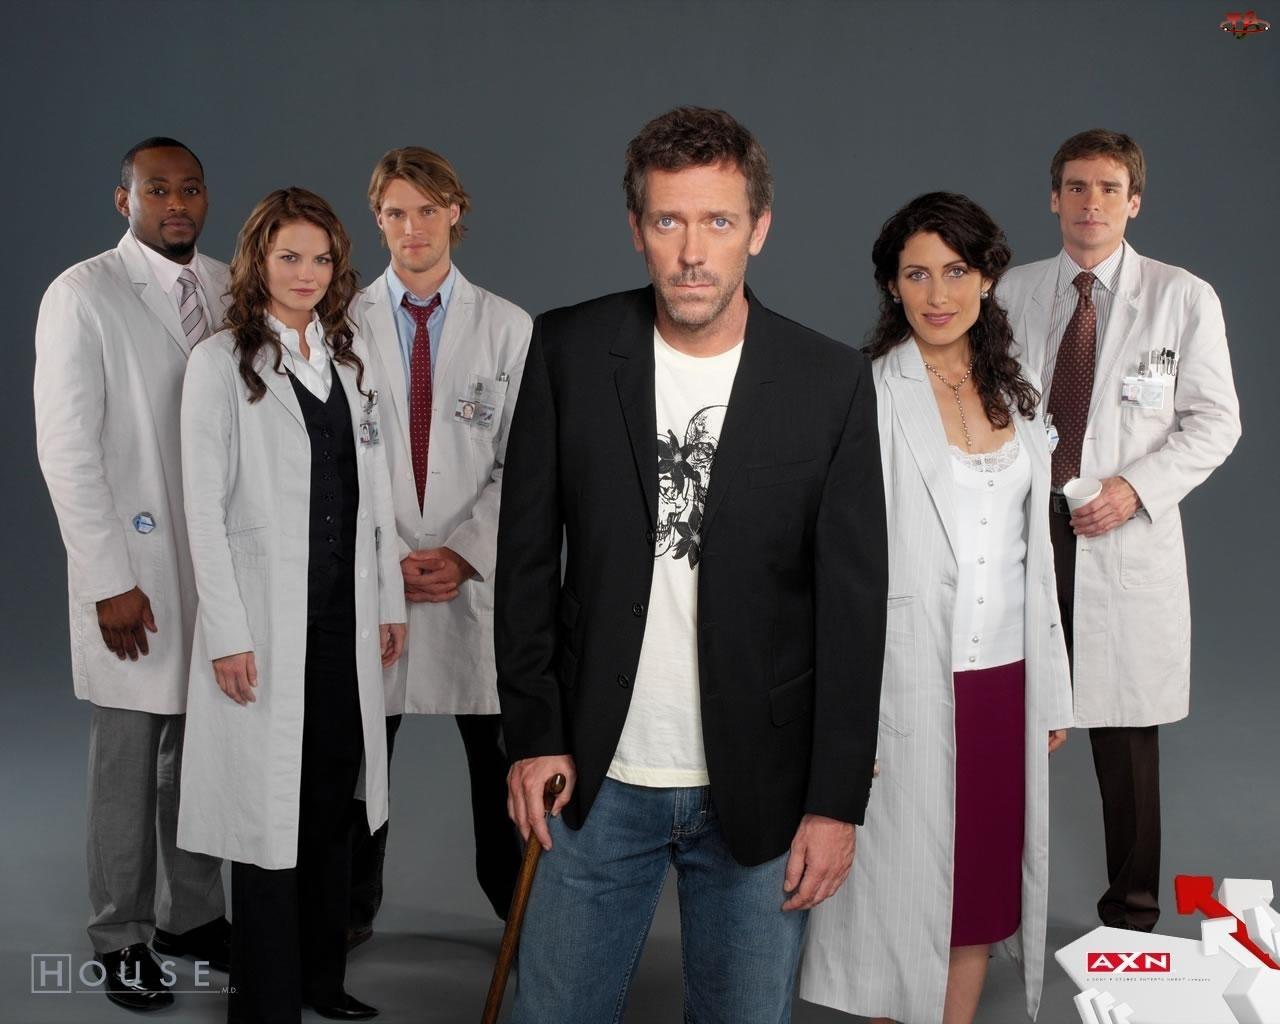 AXN, Lekarze, Dr. House